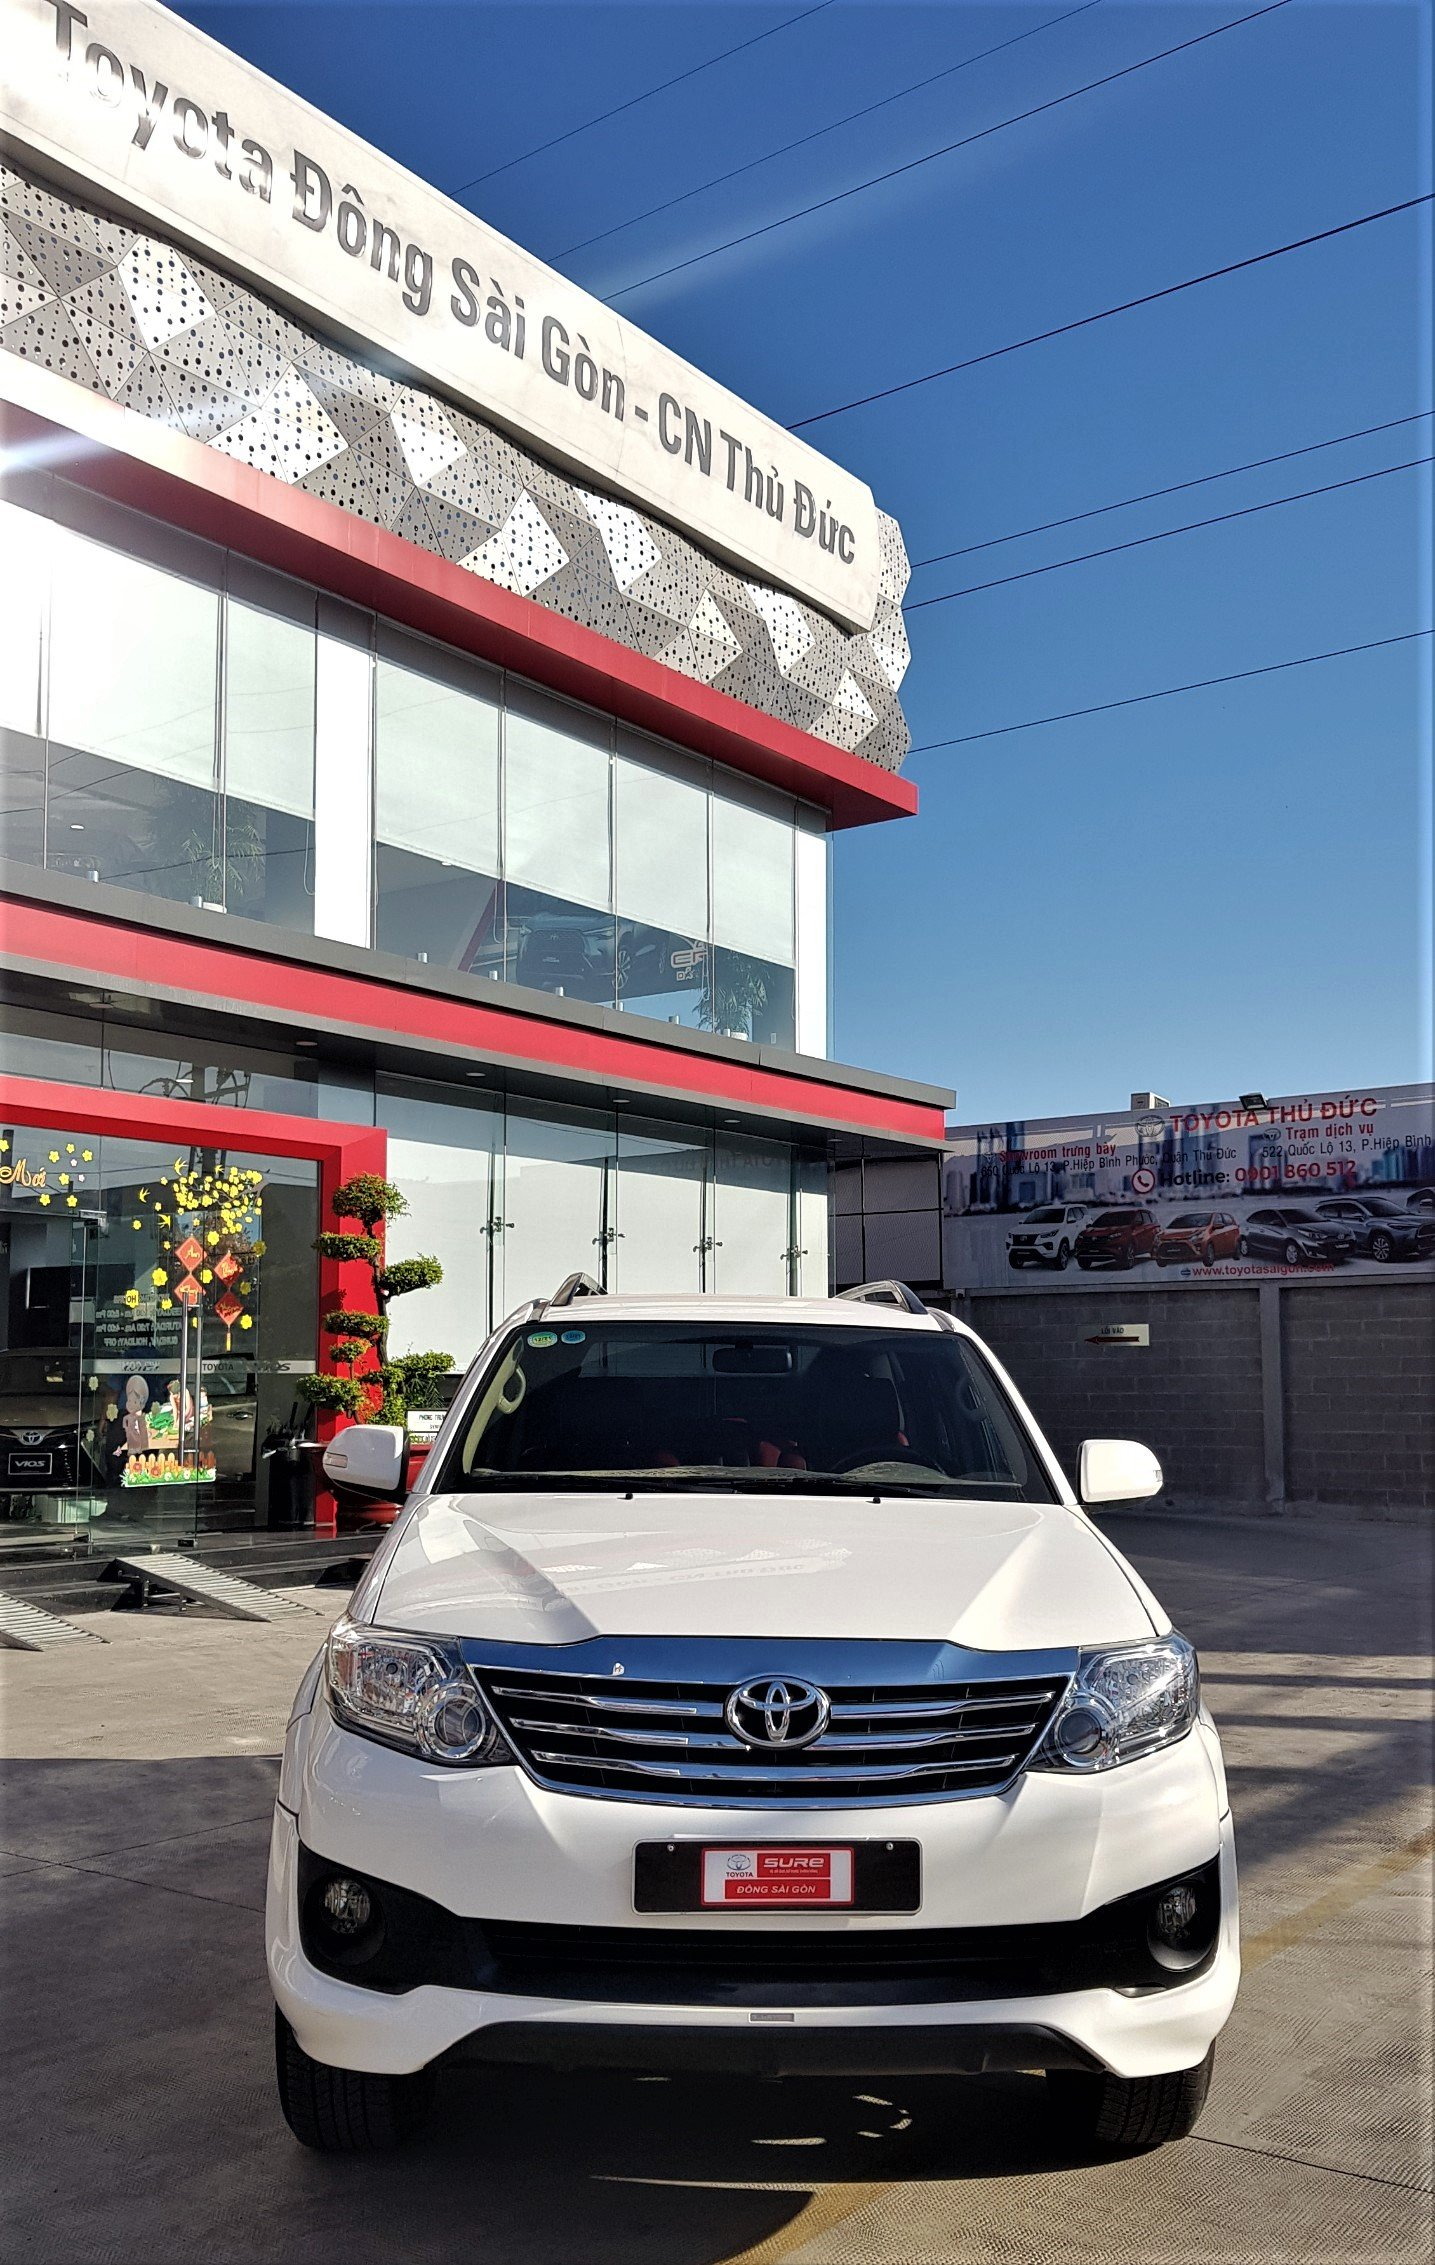 Bán xe Toyota Fortuner 2.7V TRD sản xuất 2014, màu trắng